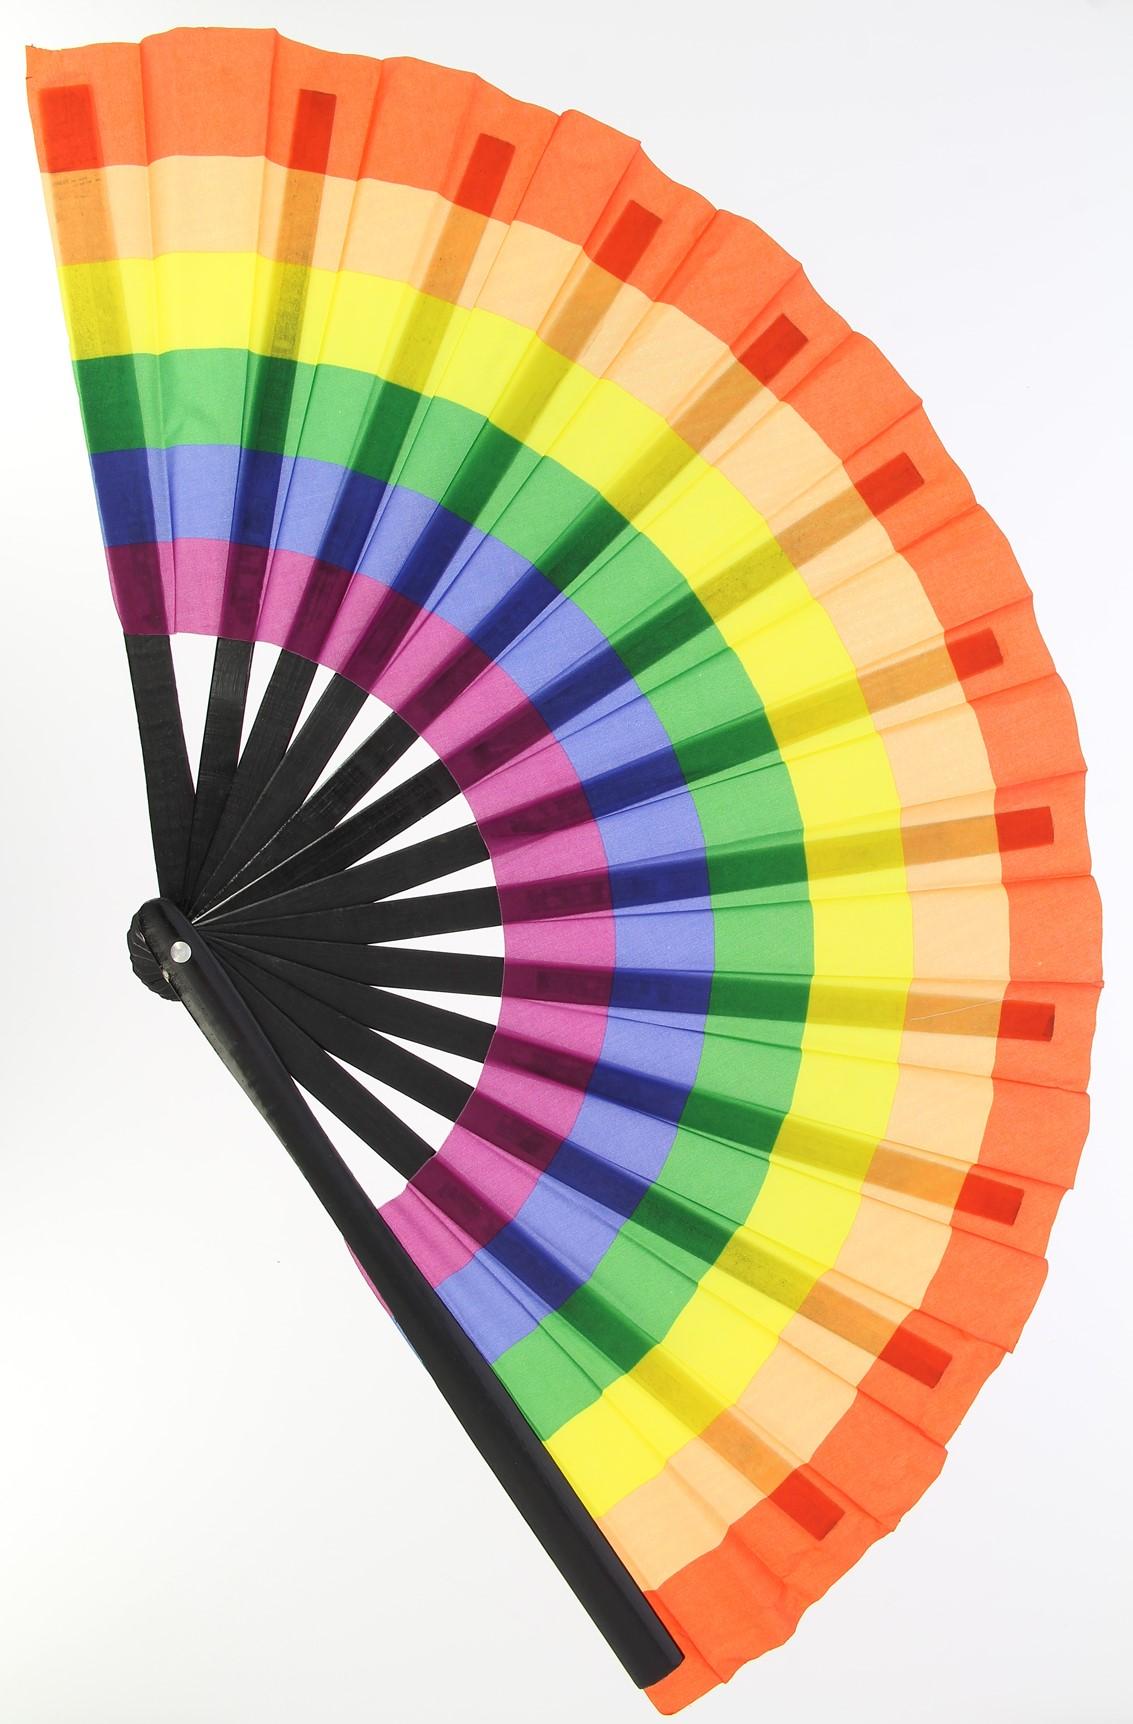 100 x Rainbow fan | UK SELLER |